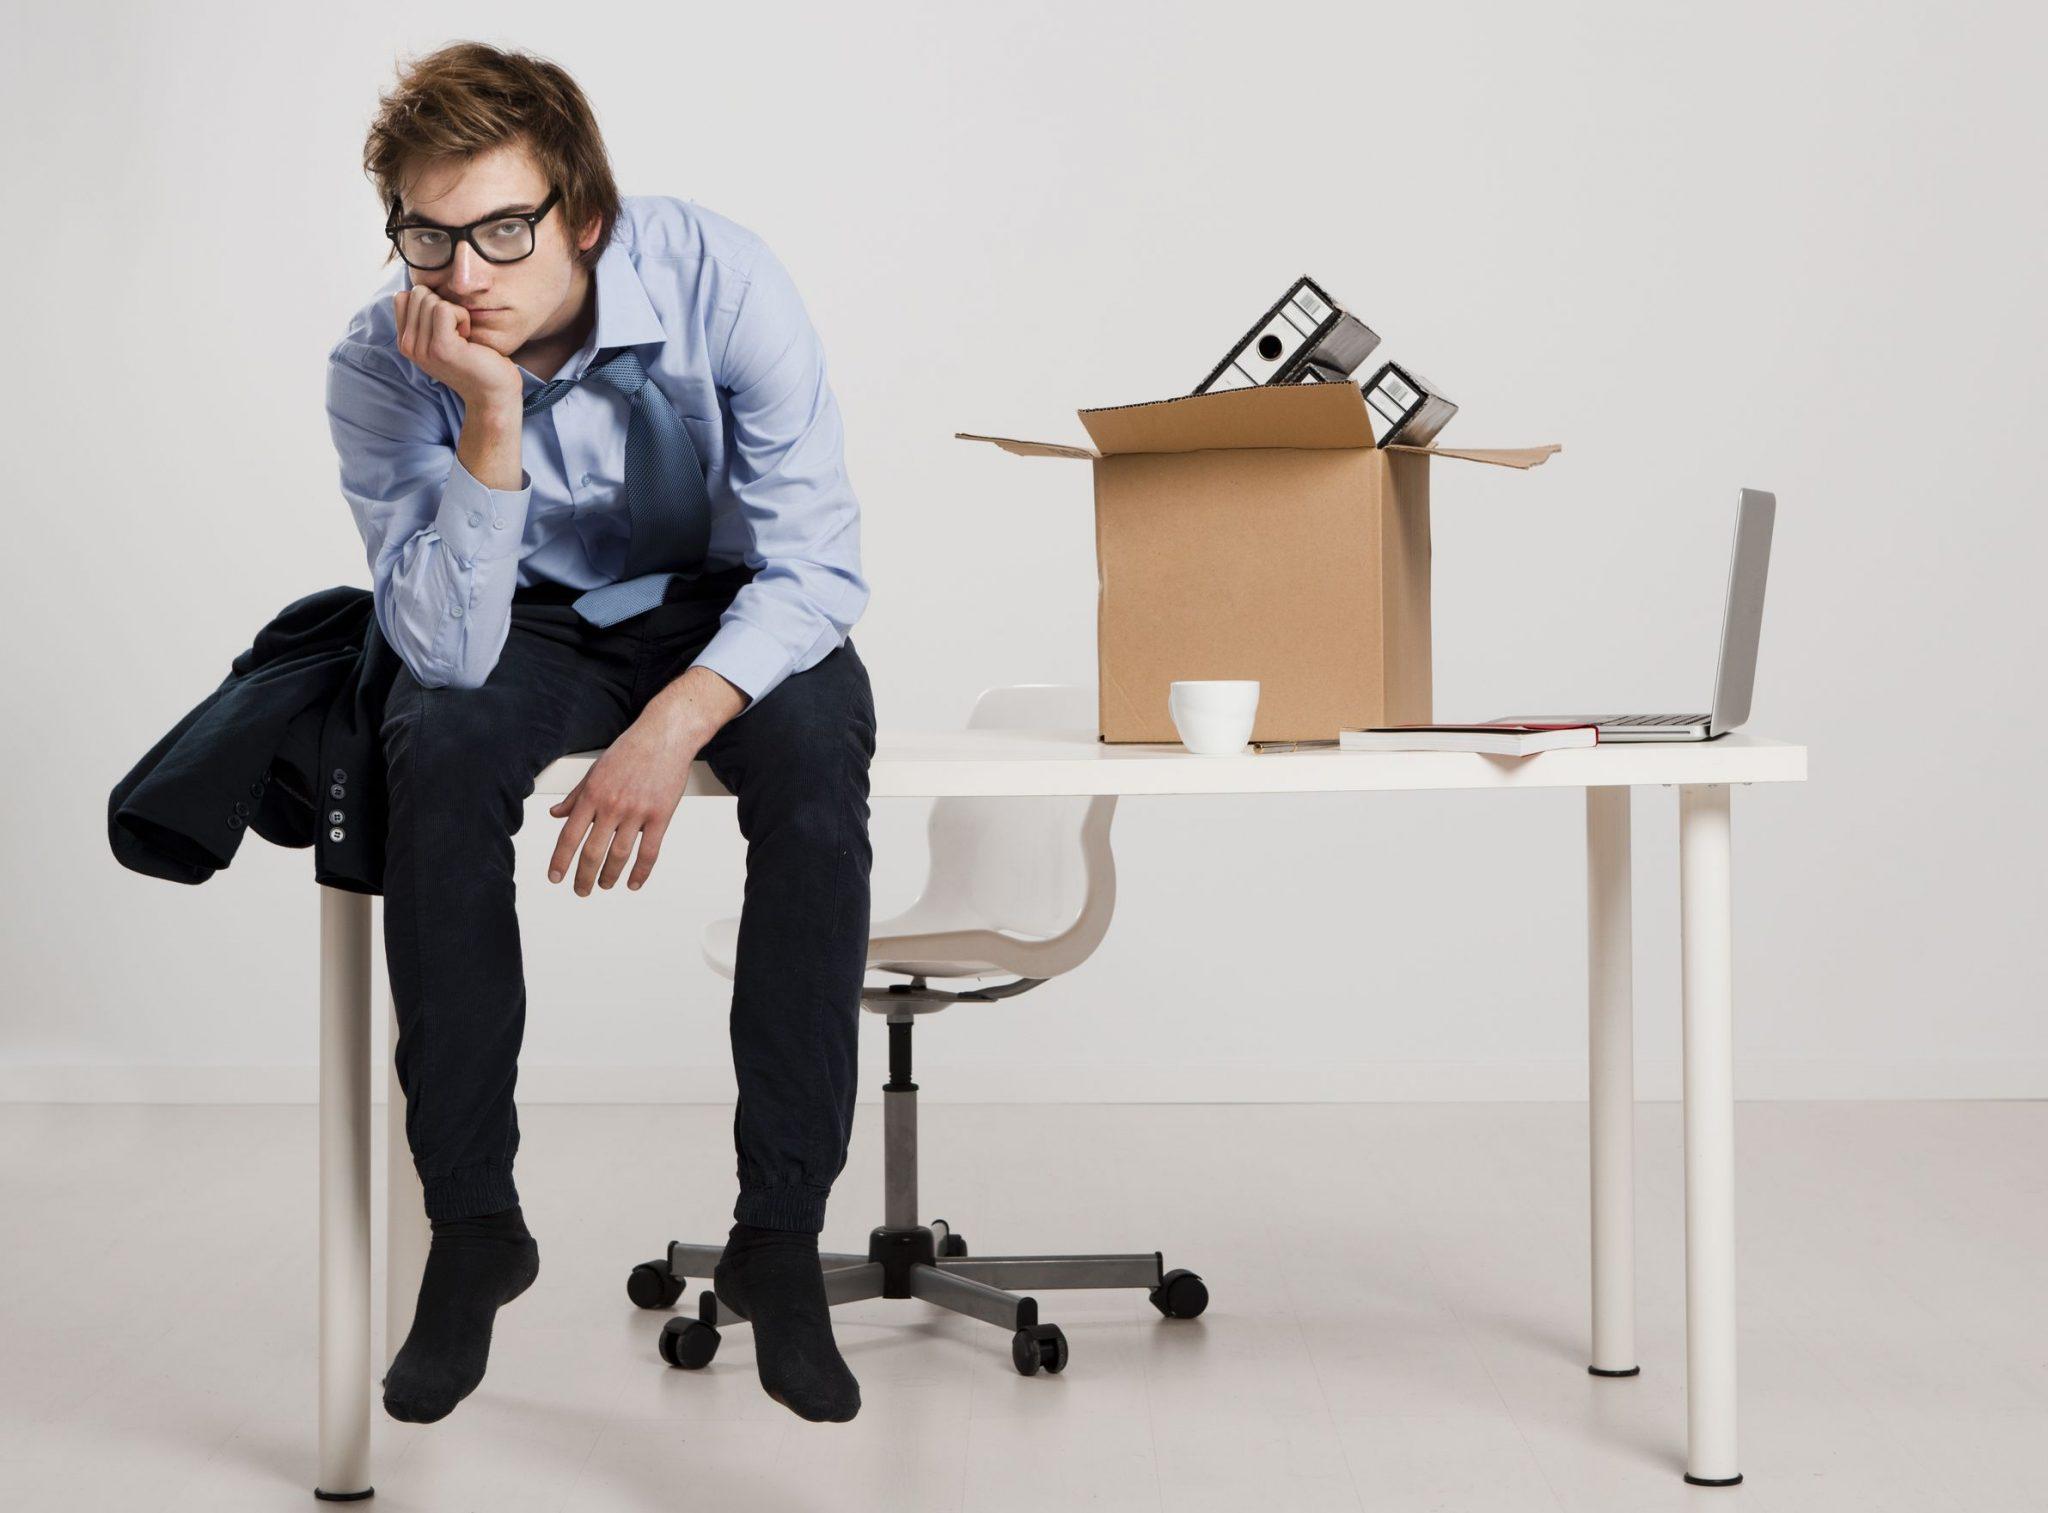 Si te han despedido o si se está produciendo un retraso en el pago de tu salario, podemos ayudarte a que la empresa te indemnice y a que se te reconozcan tus derechos